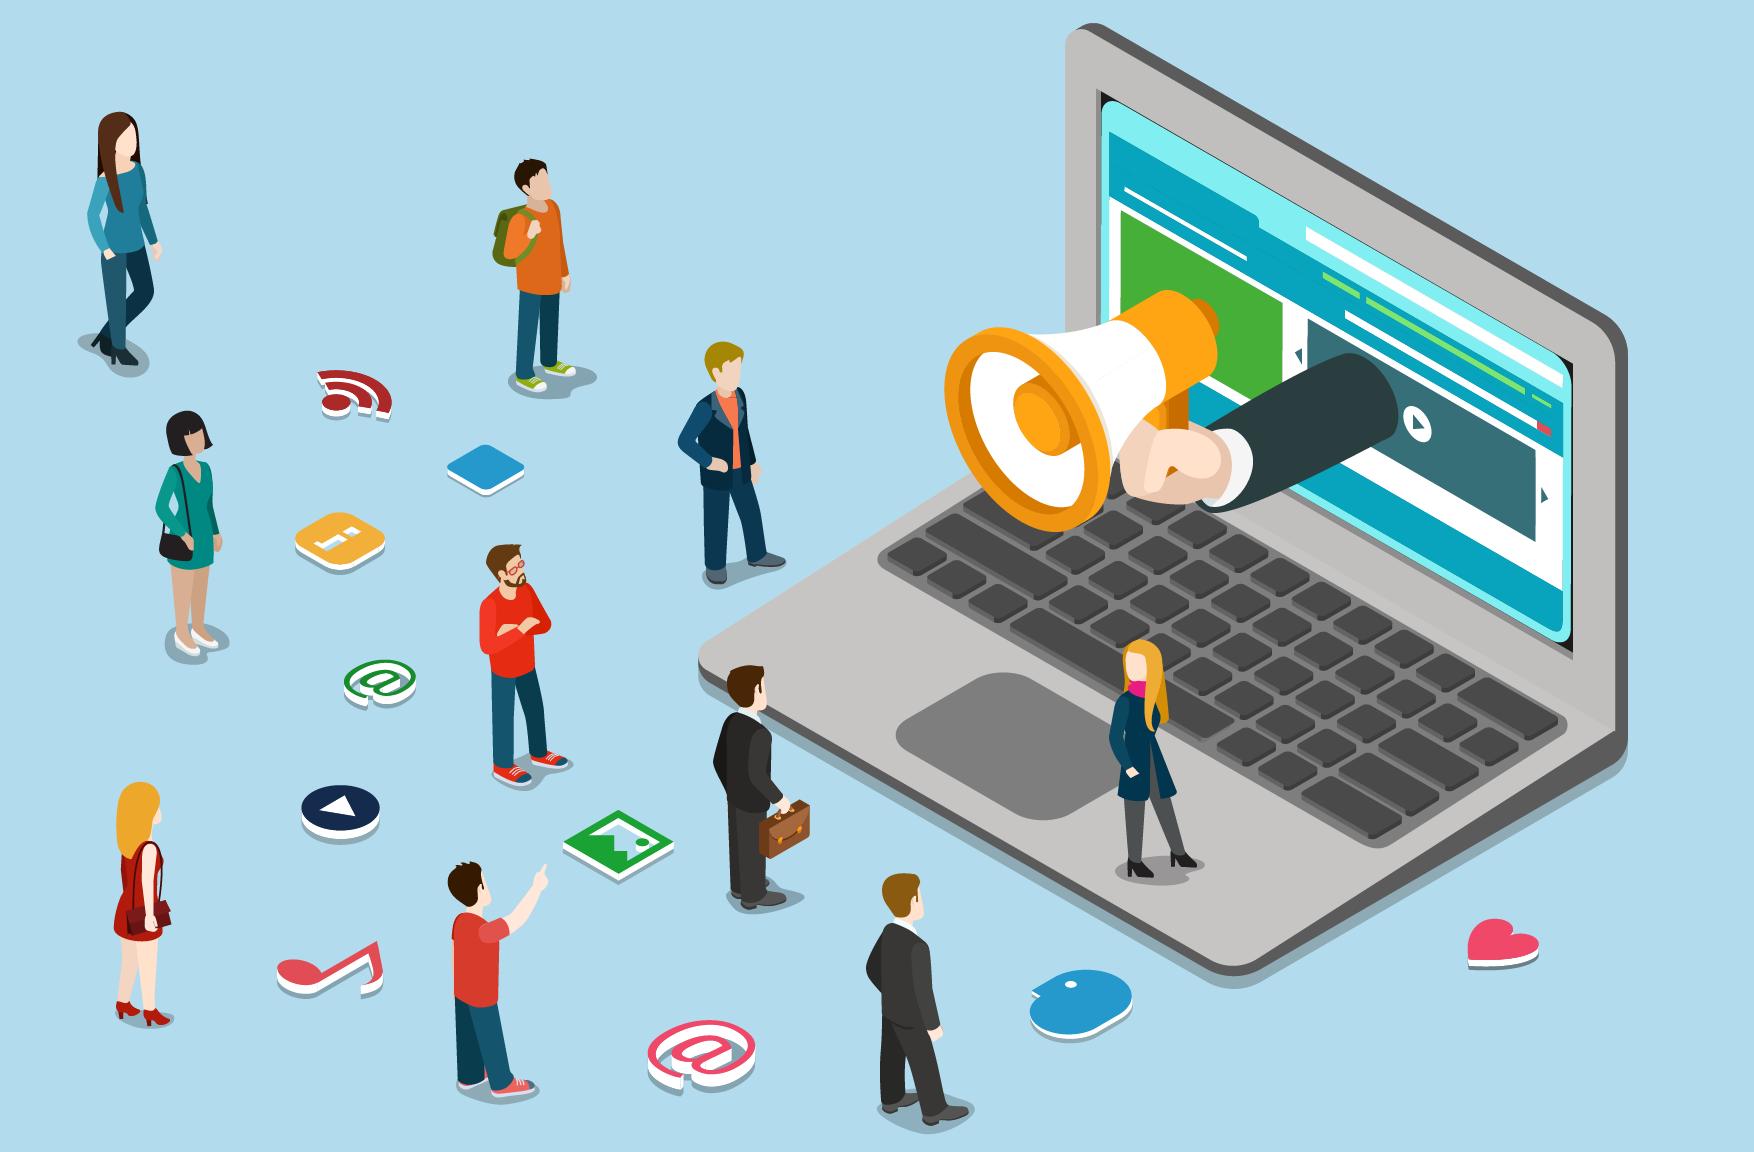 comunicacao digital guia-se negócios pela internet